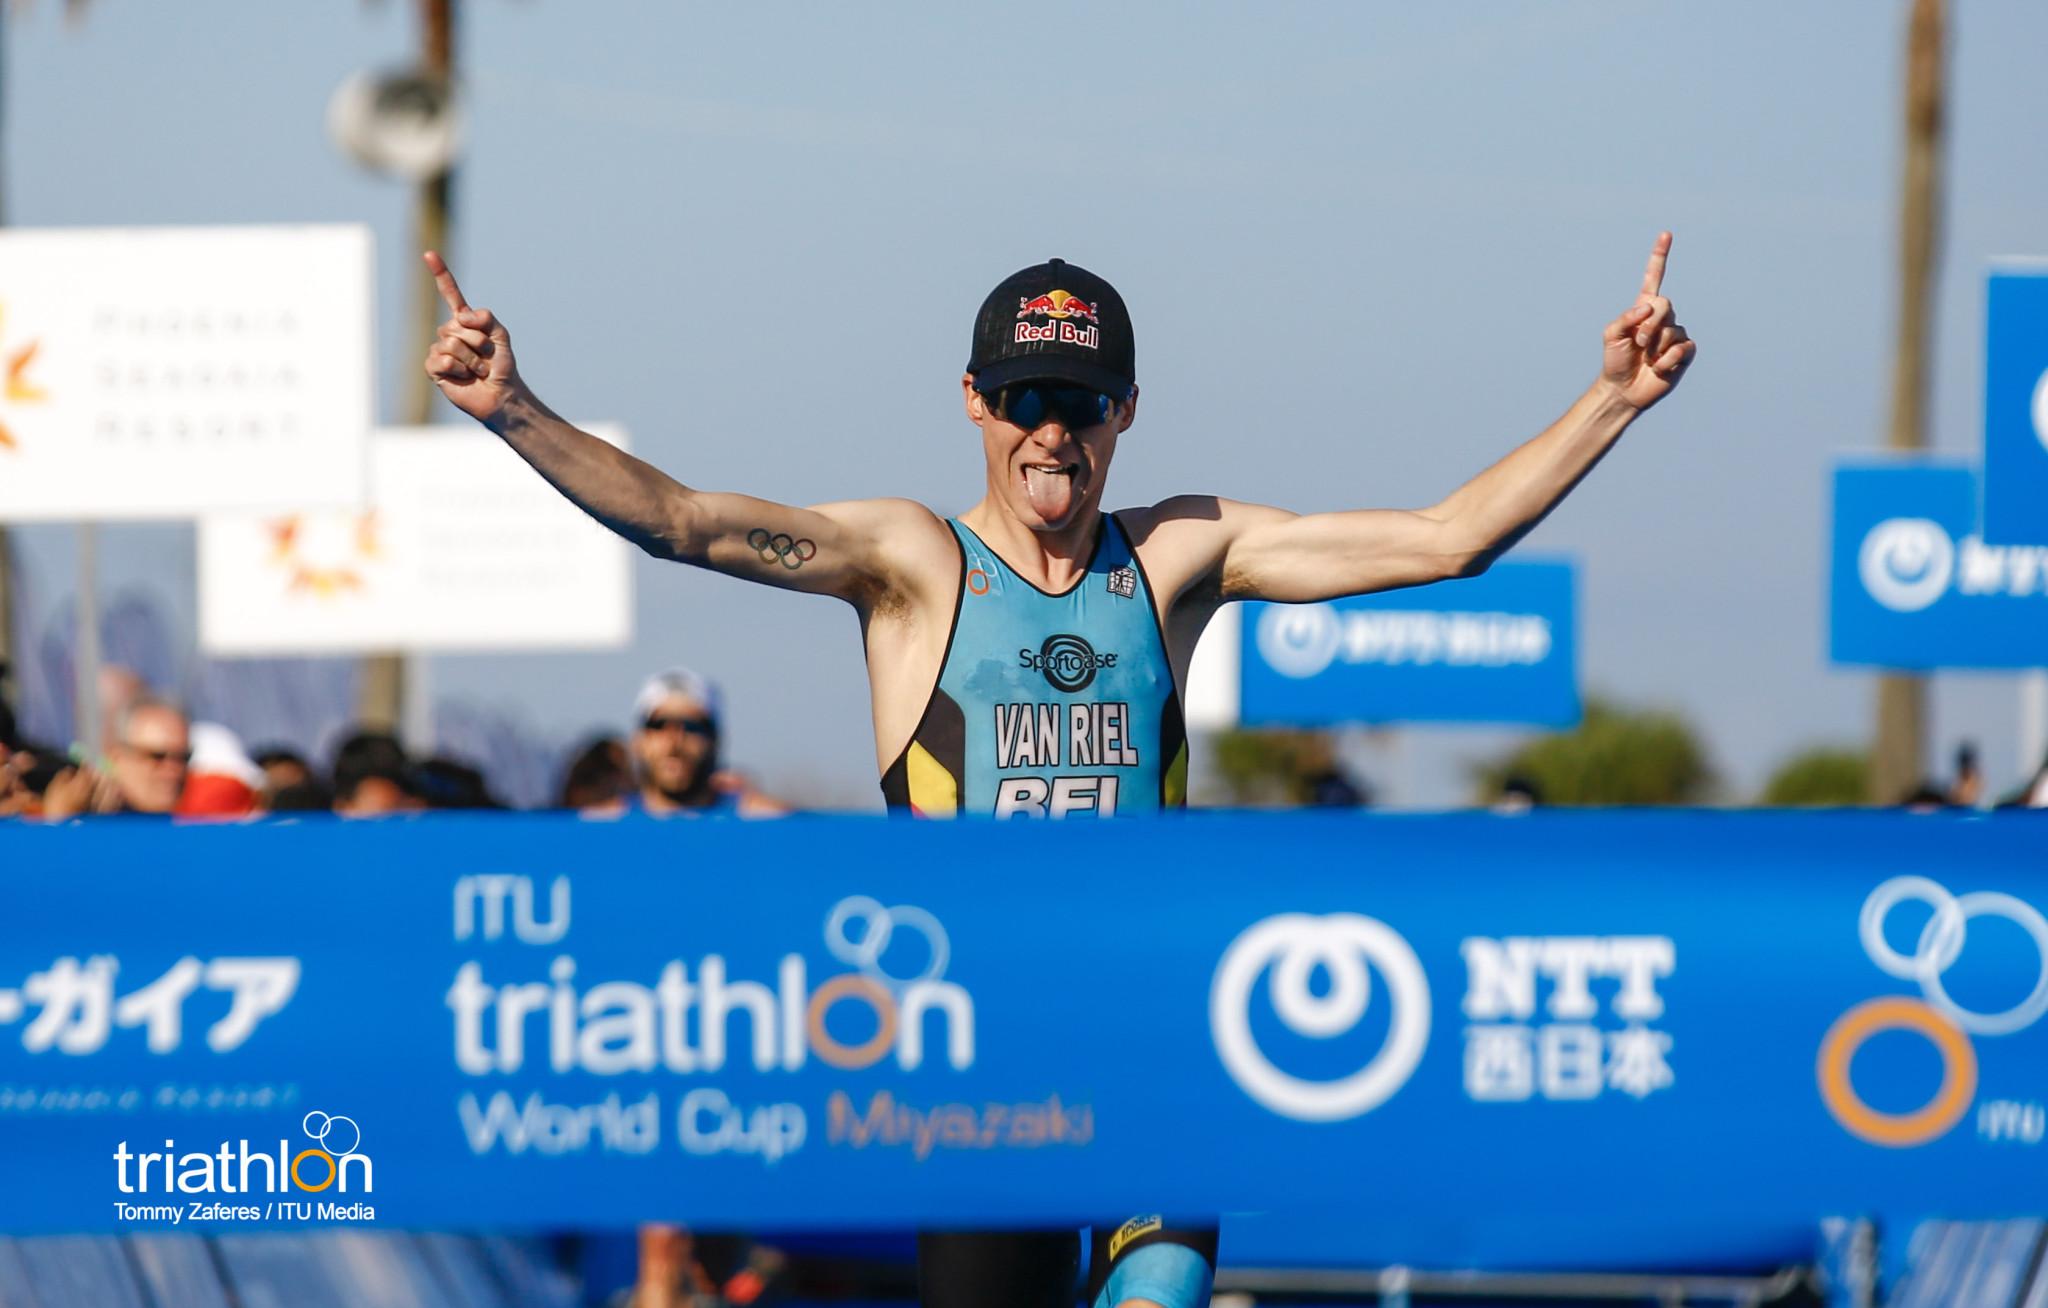 Marten Van Riel wint in Miyazaki (foto: ITU/Tommy Zaferes)